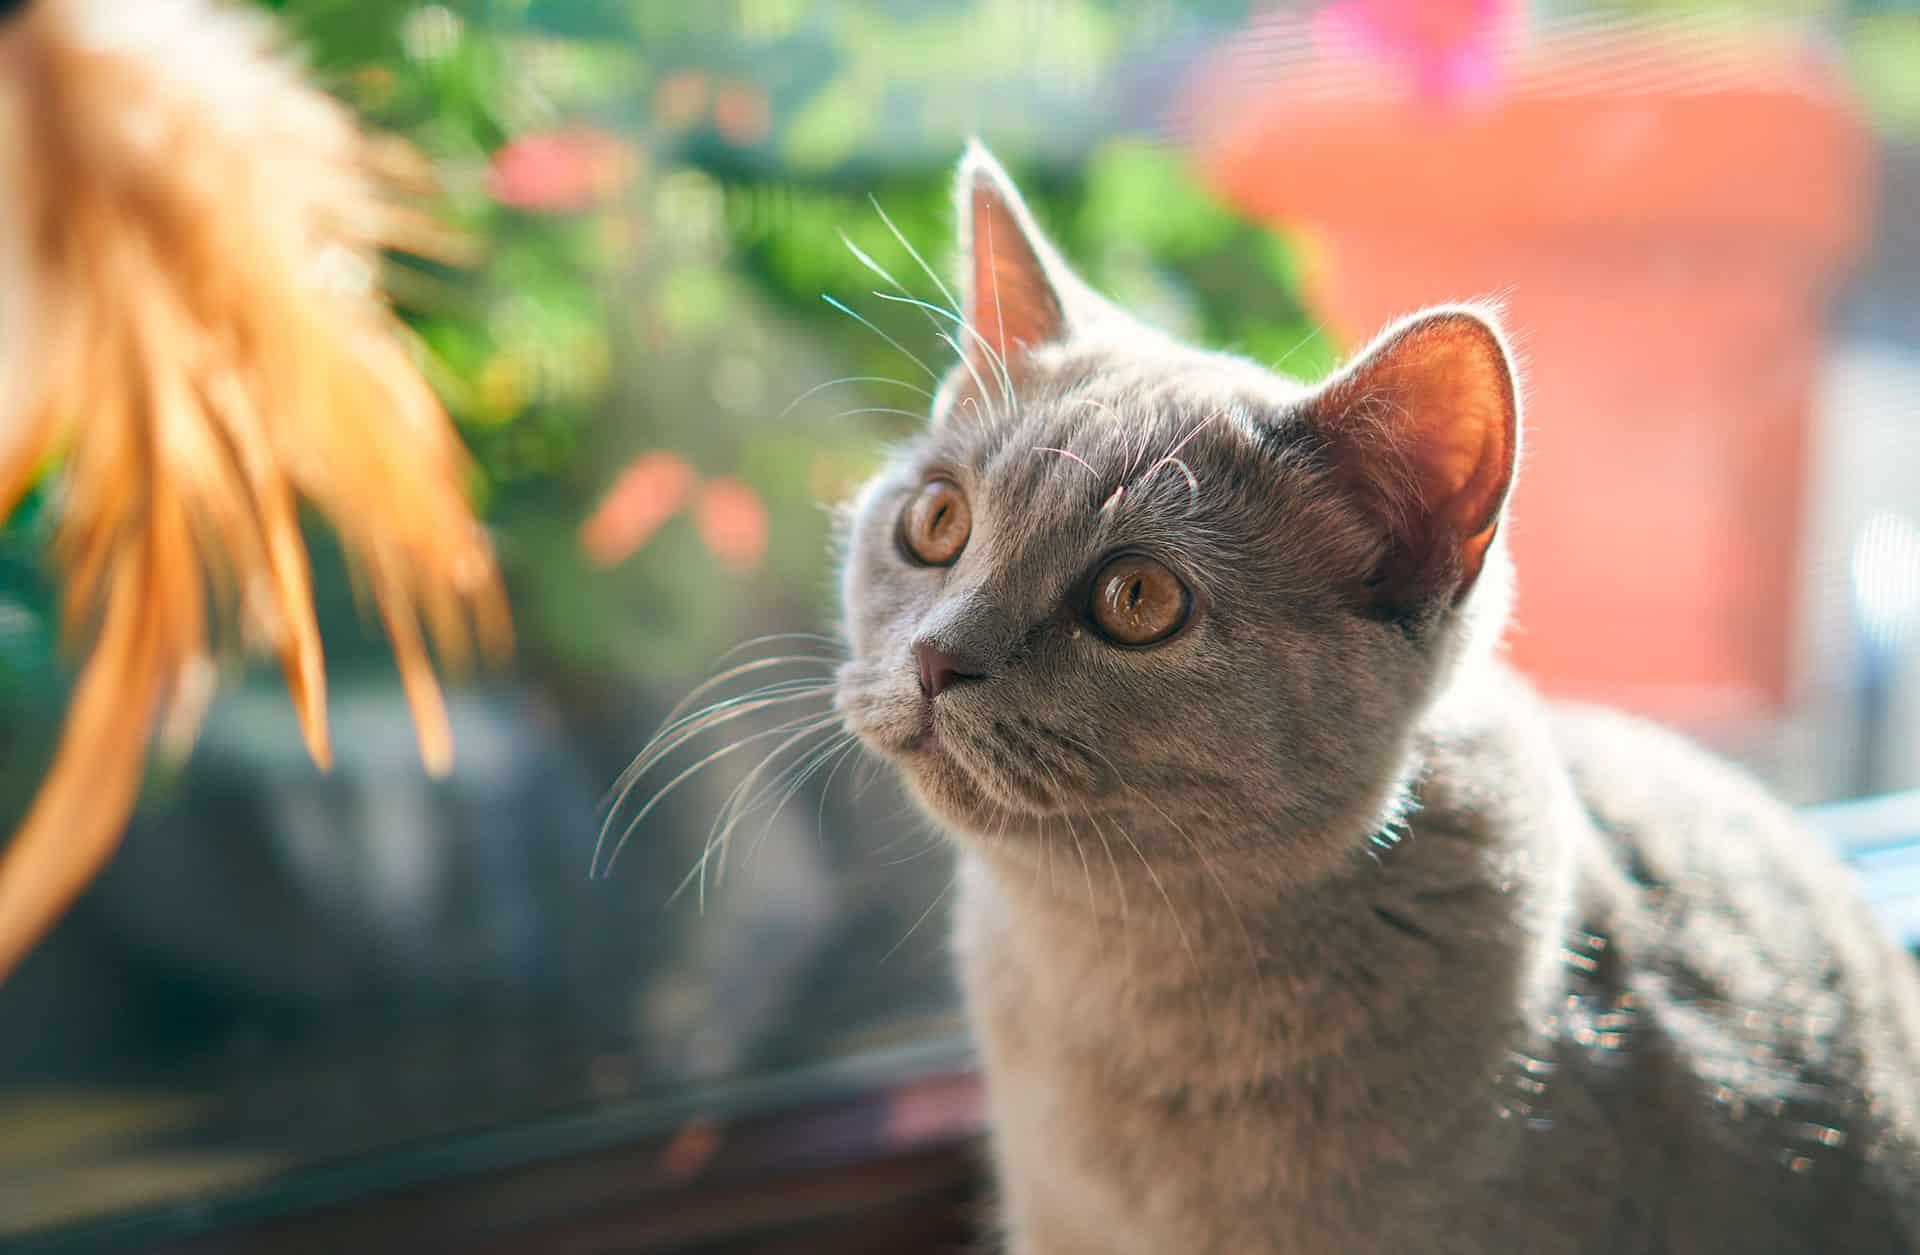 ¿Cuál es la forma correcta de darle una pastilla a un gato? - Veterinarium